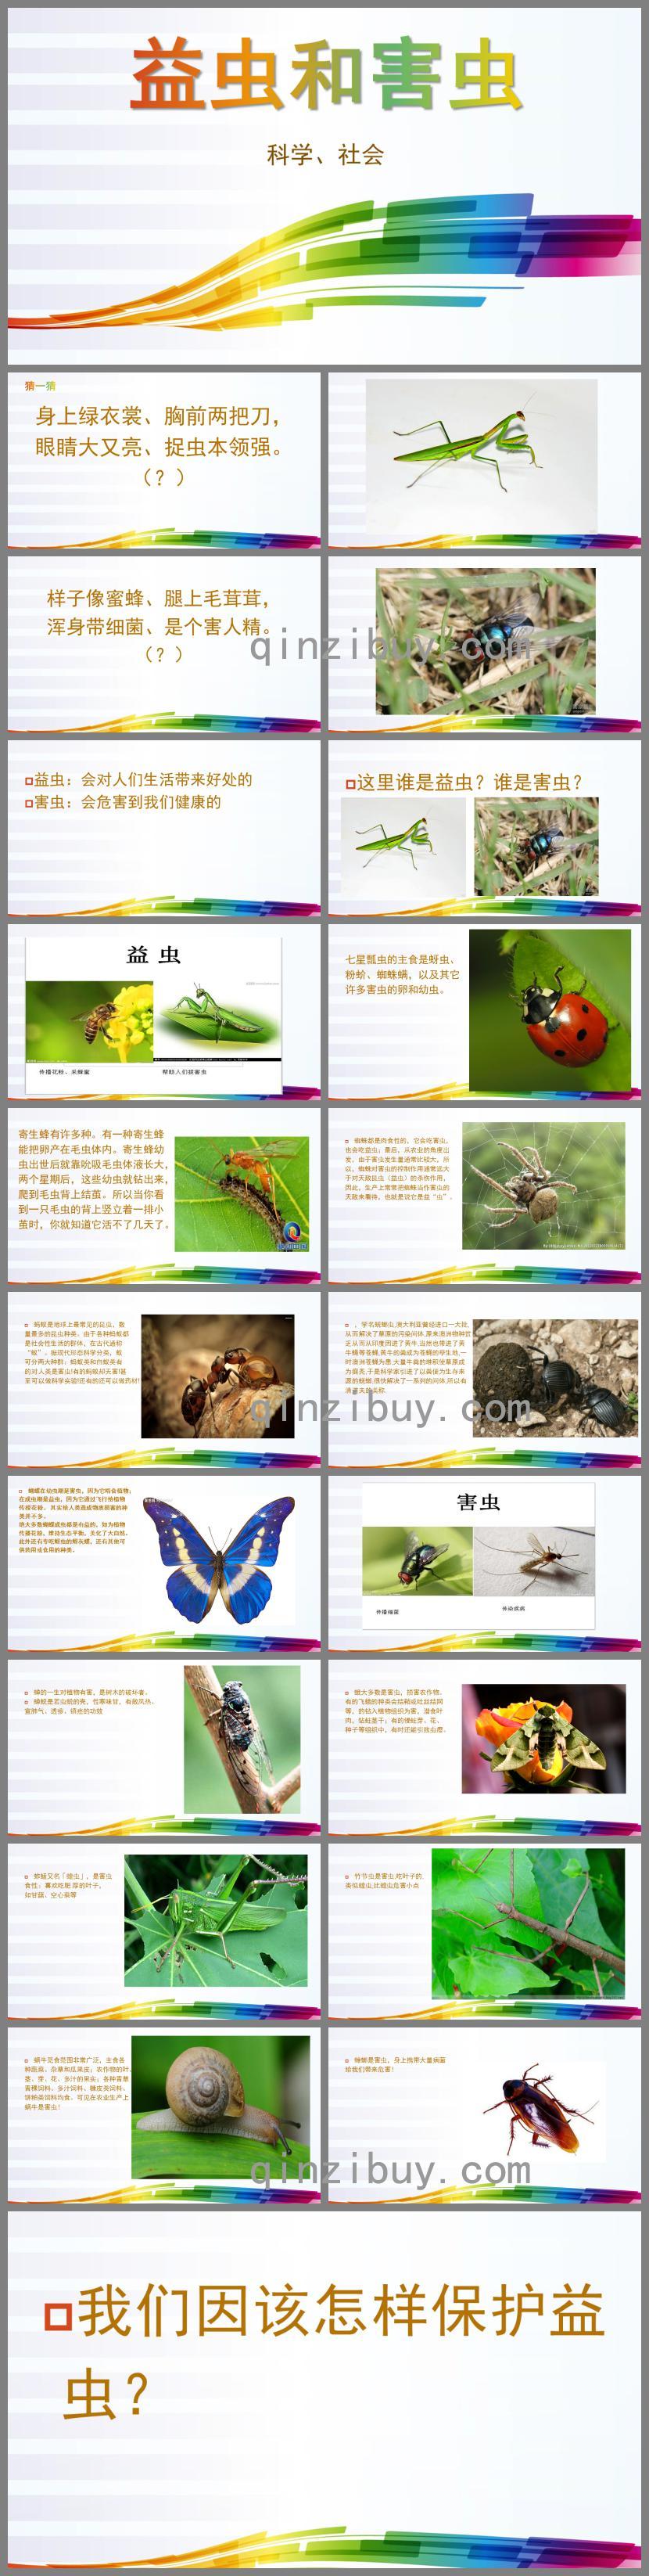 中班科学益虫和害虫PPT课件